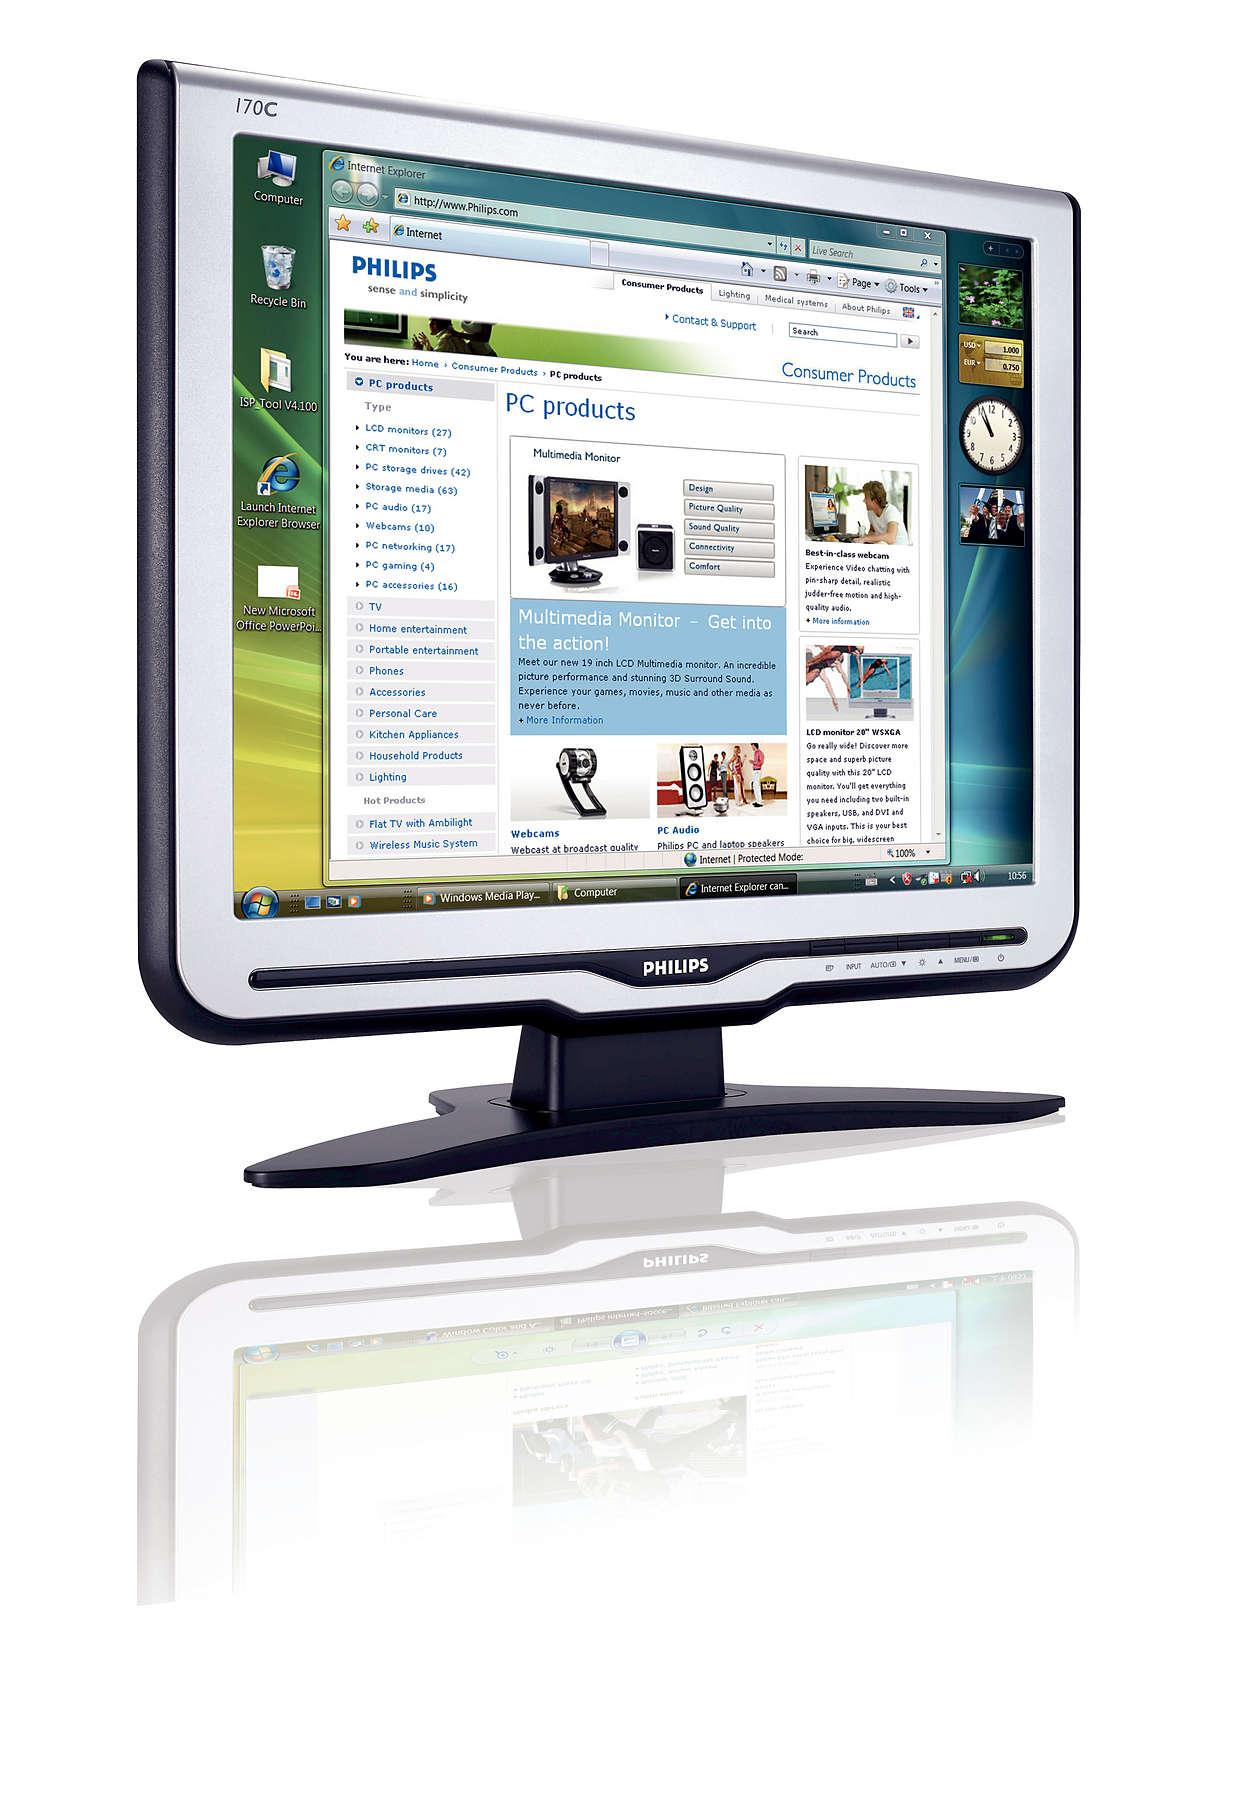 Det allerbedste inden for LCD-display